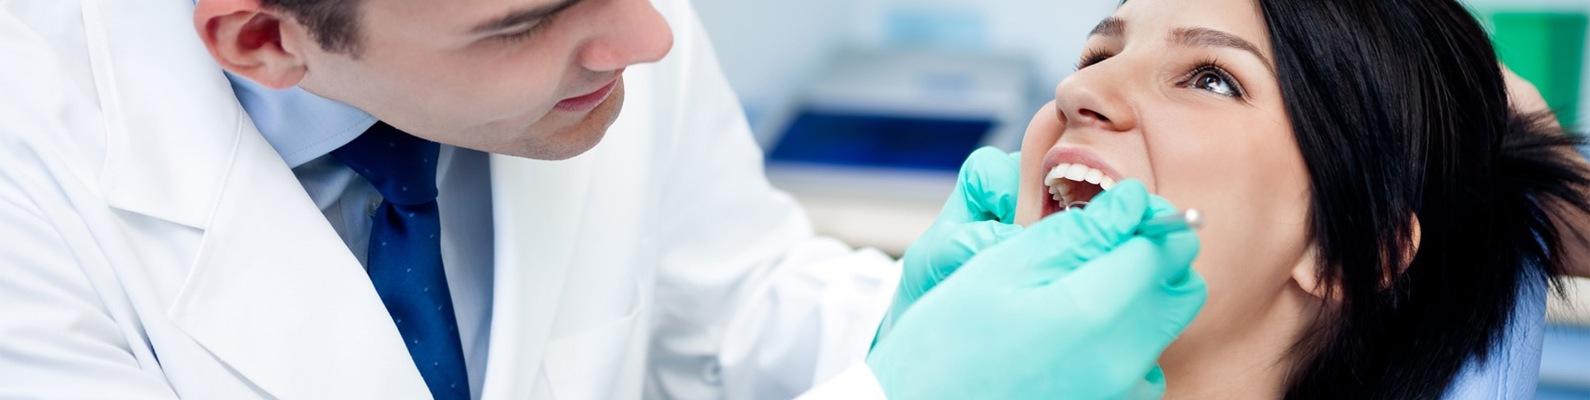 Стоматология вагина симферополь